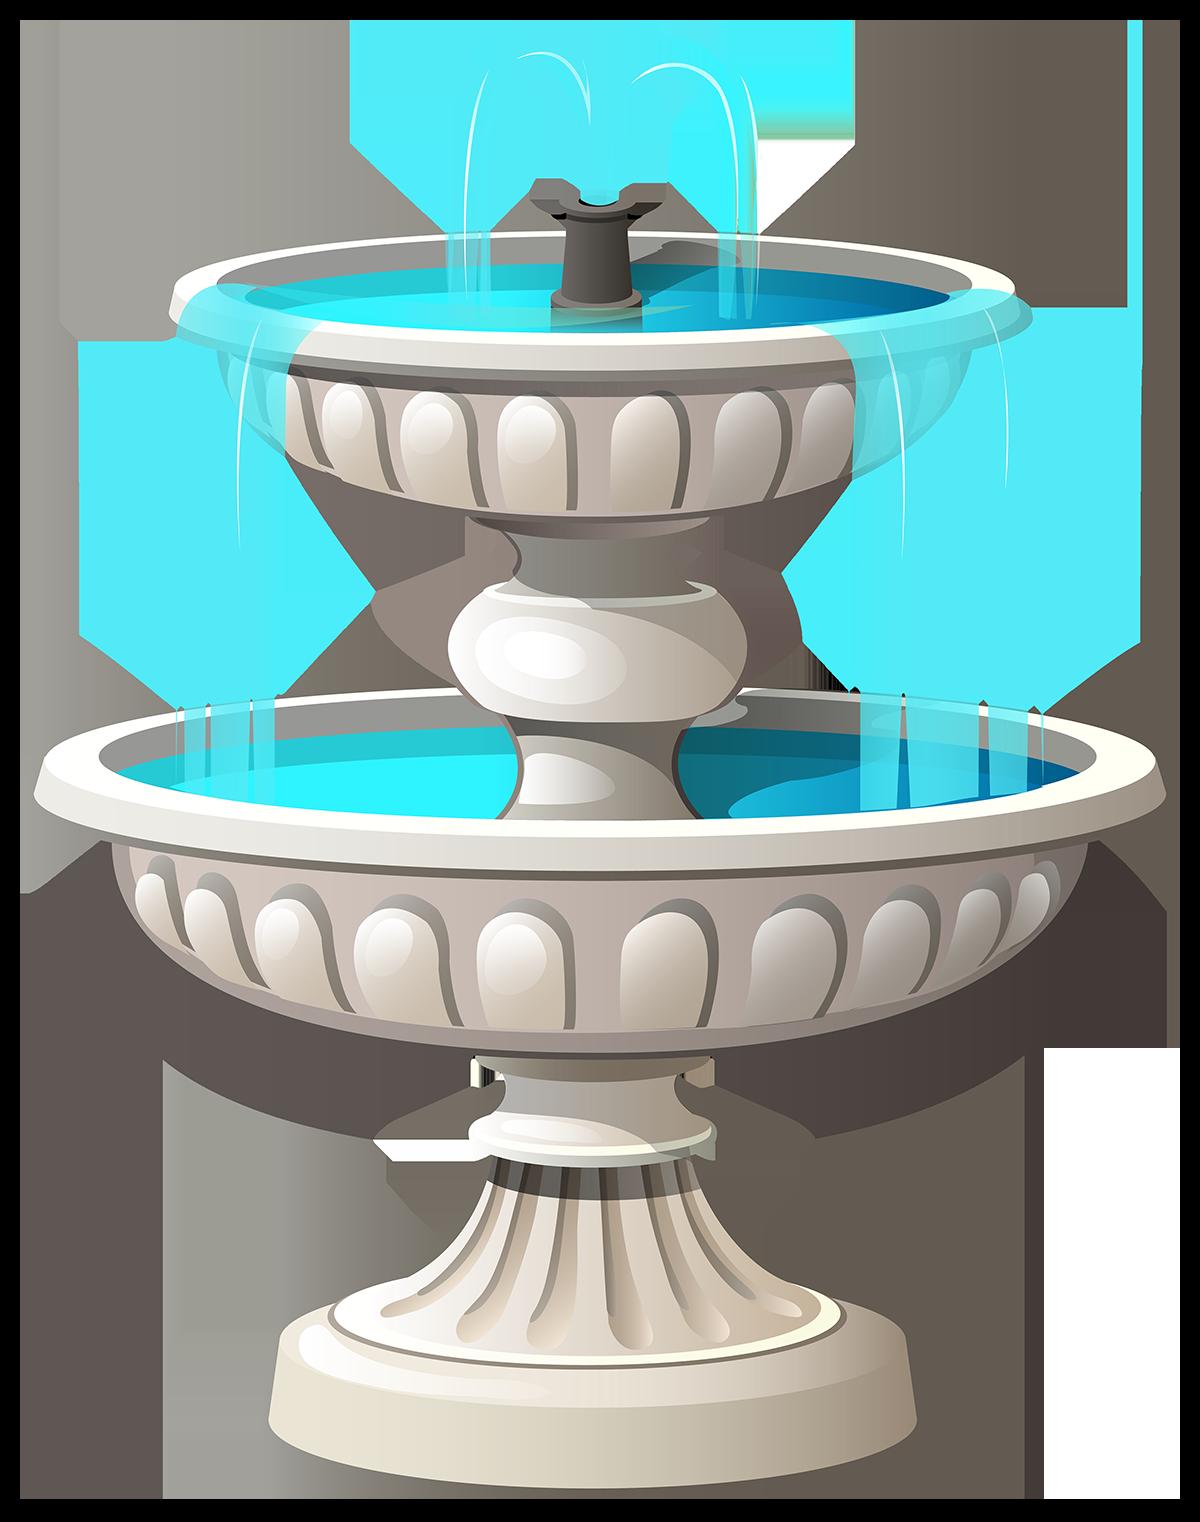 Картинка фонтан - фонтан, декор